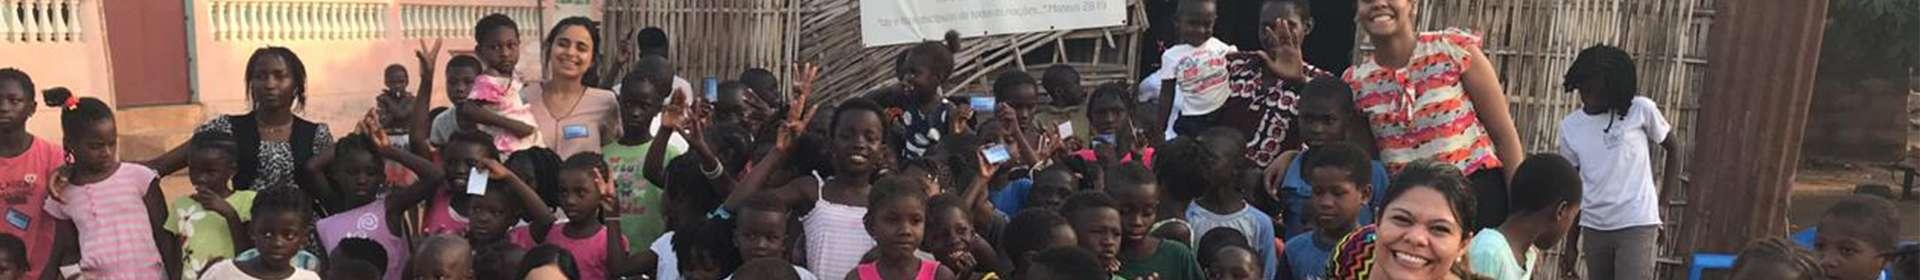 Trabalho de assistência alcança países da África Ocidental